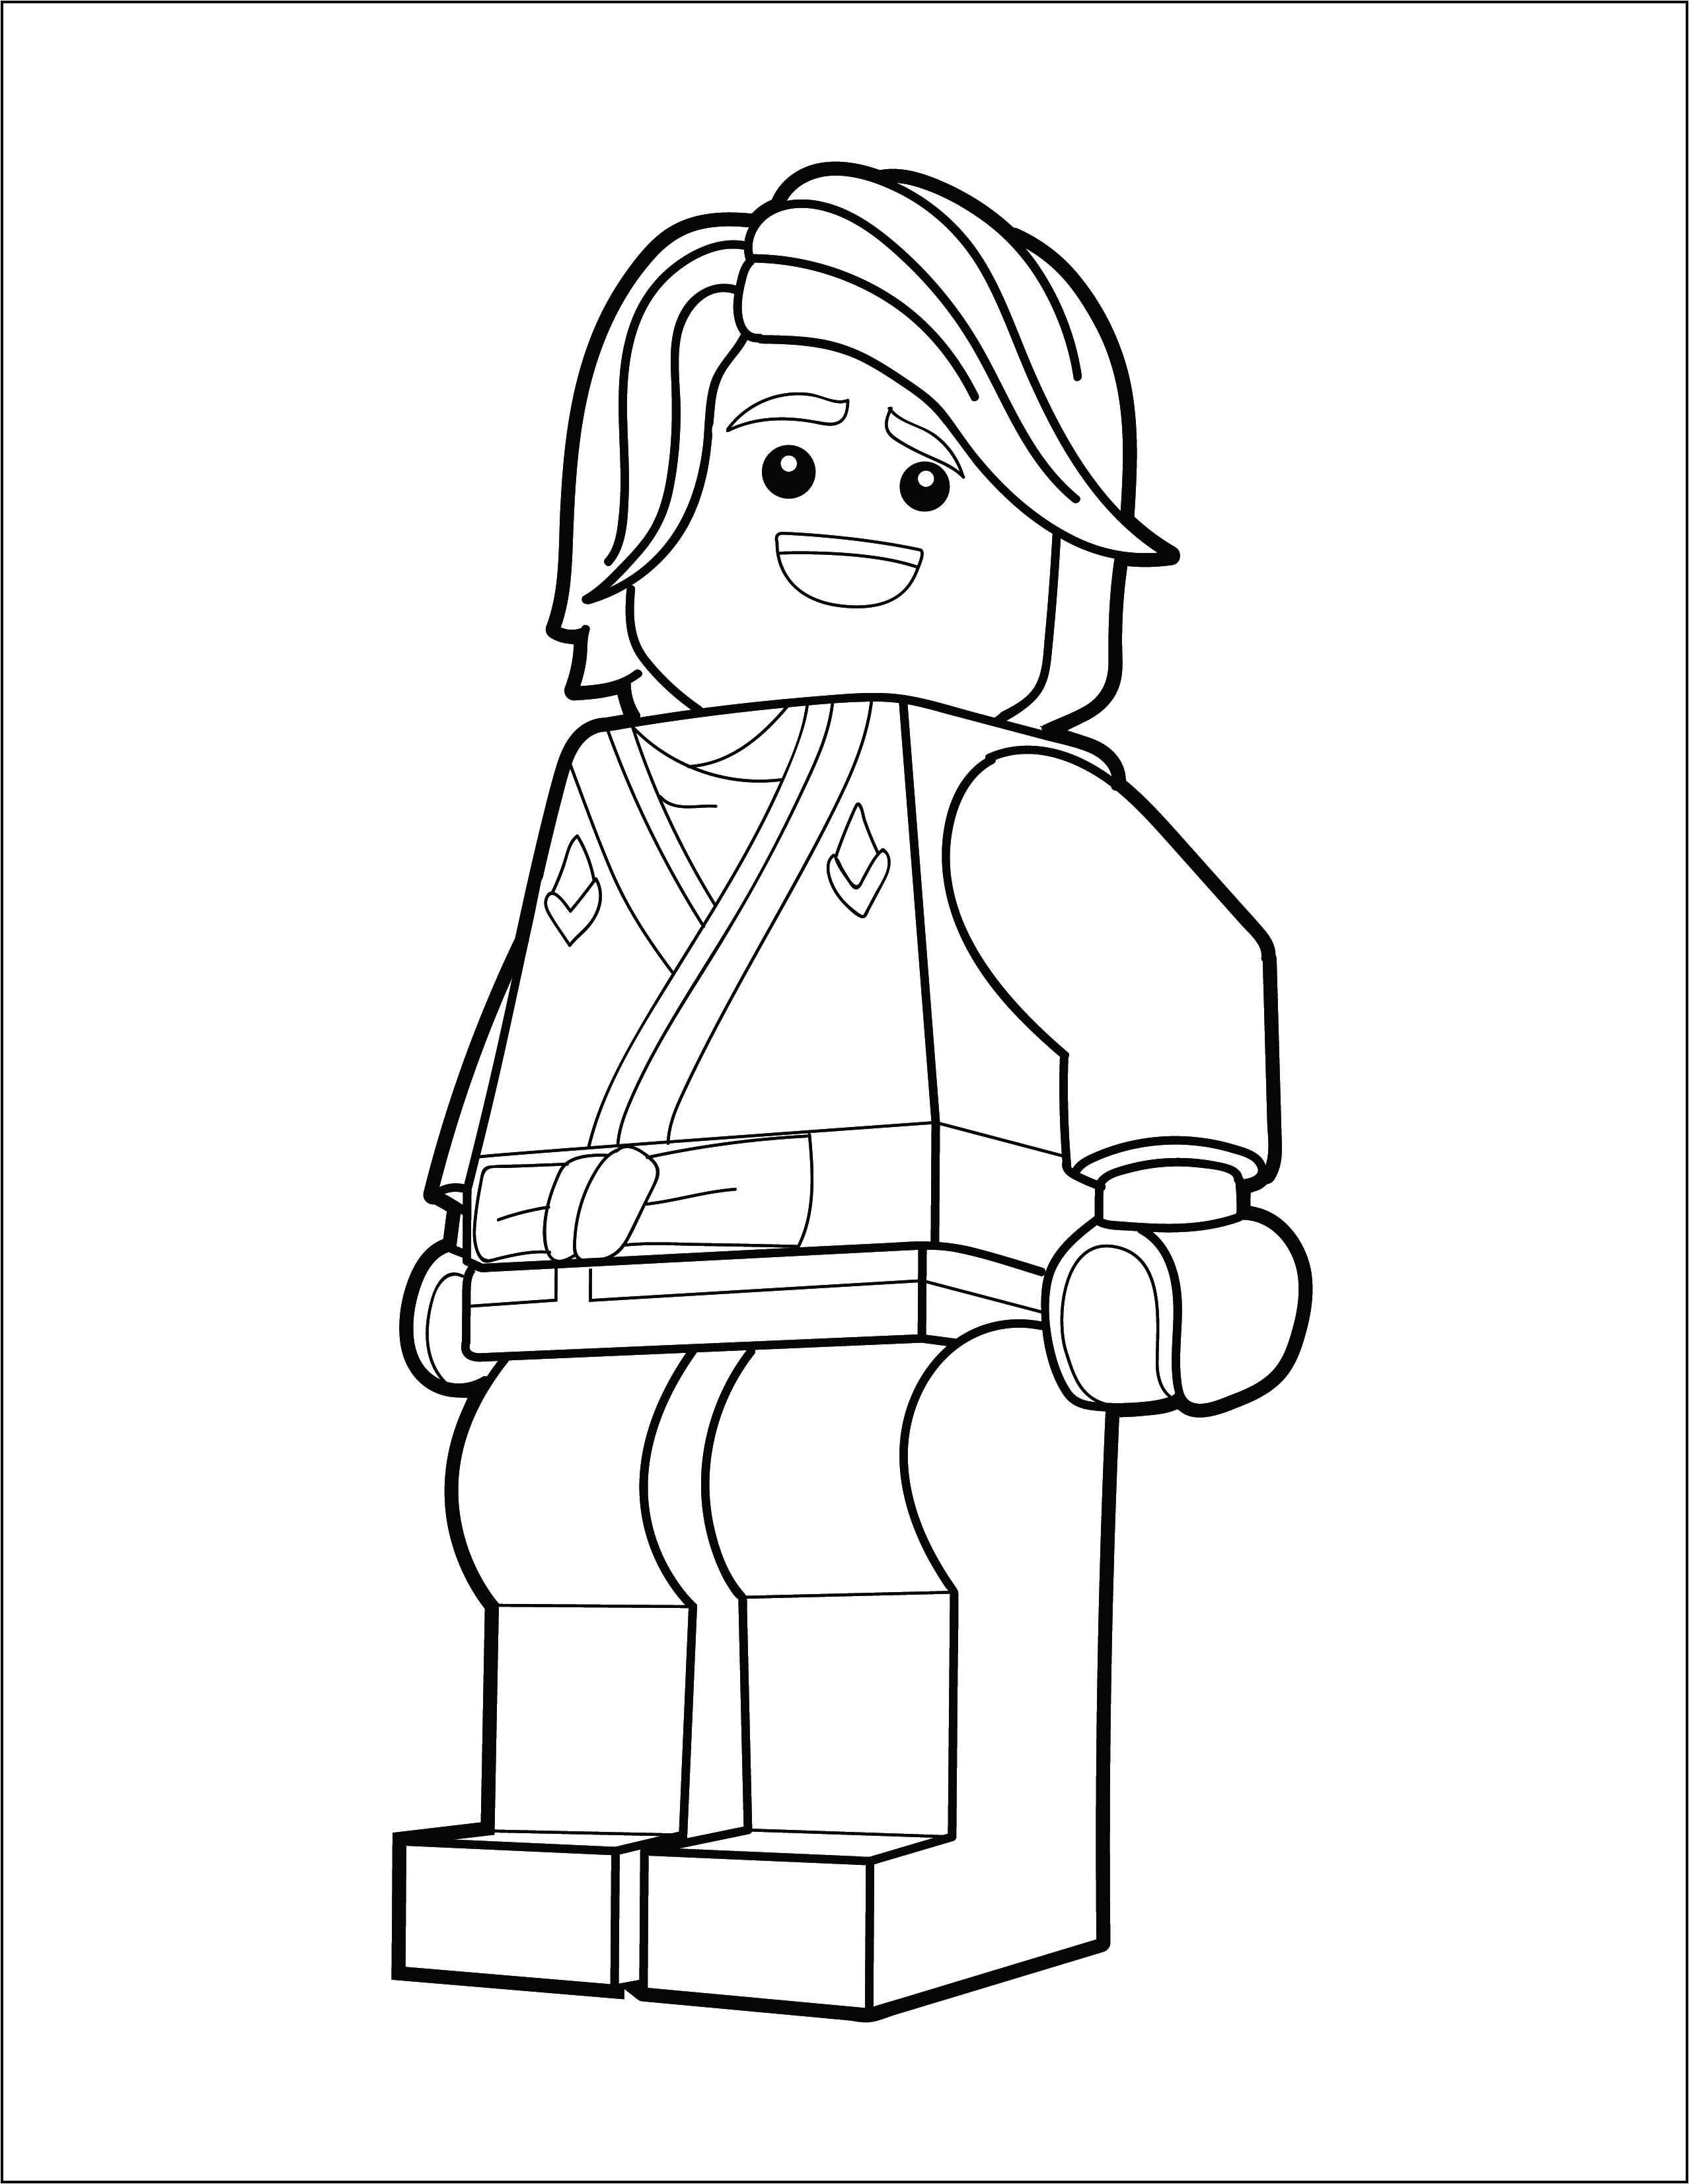 Lego Ninjago Coloring Page Lloyd The Brick Show